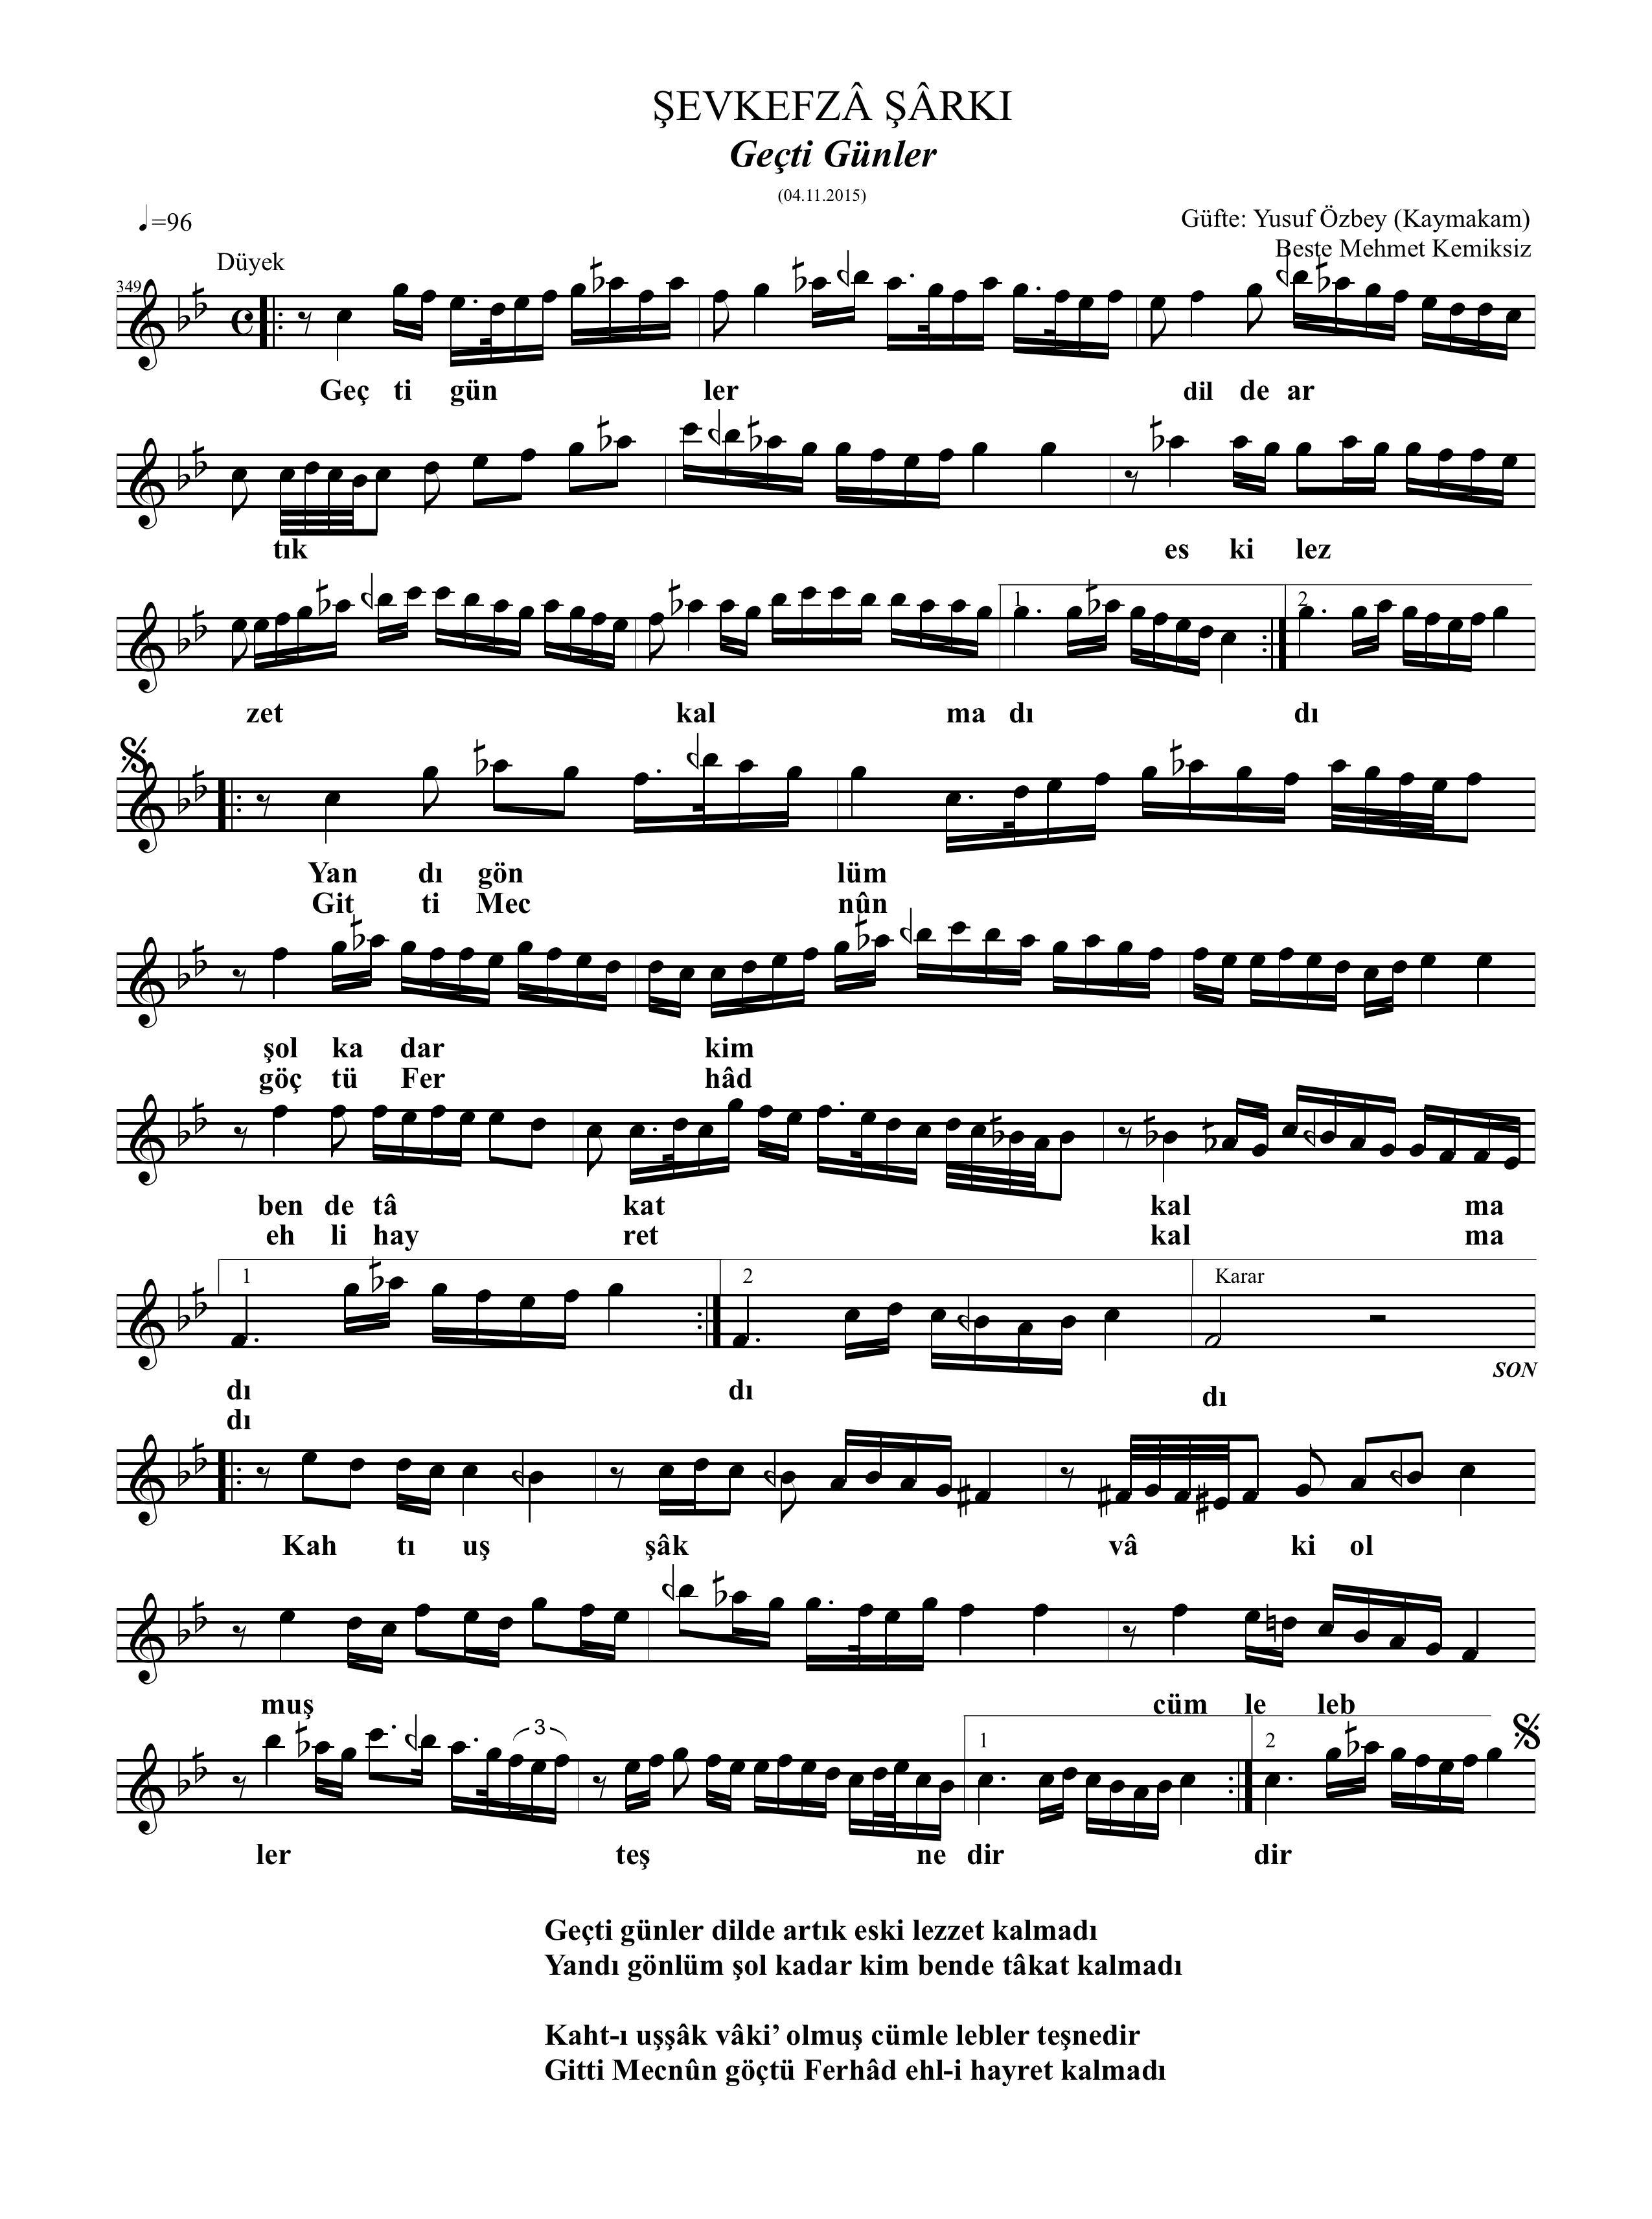 349-Sevkefza-Gectigünler